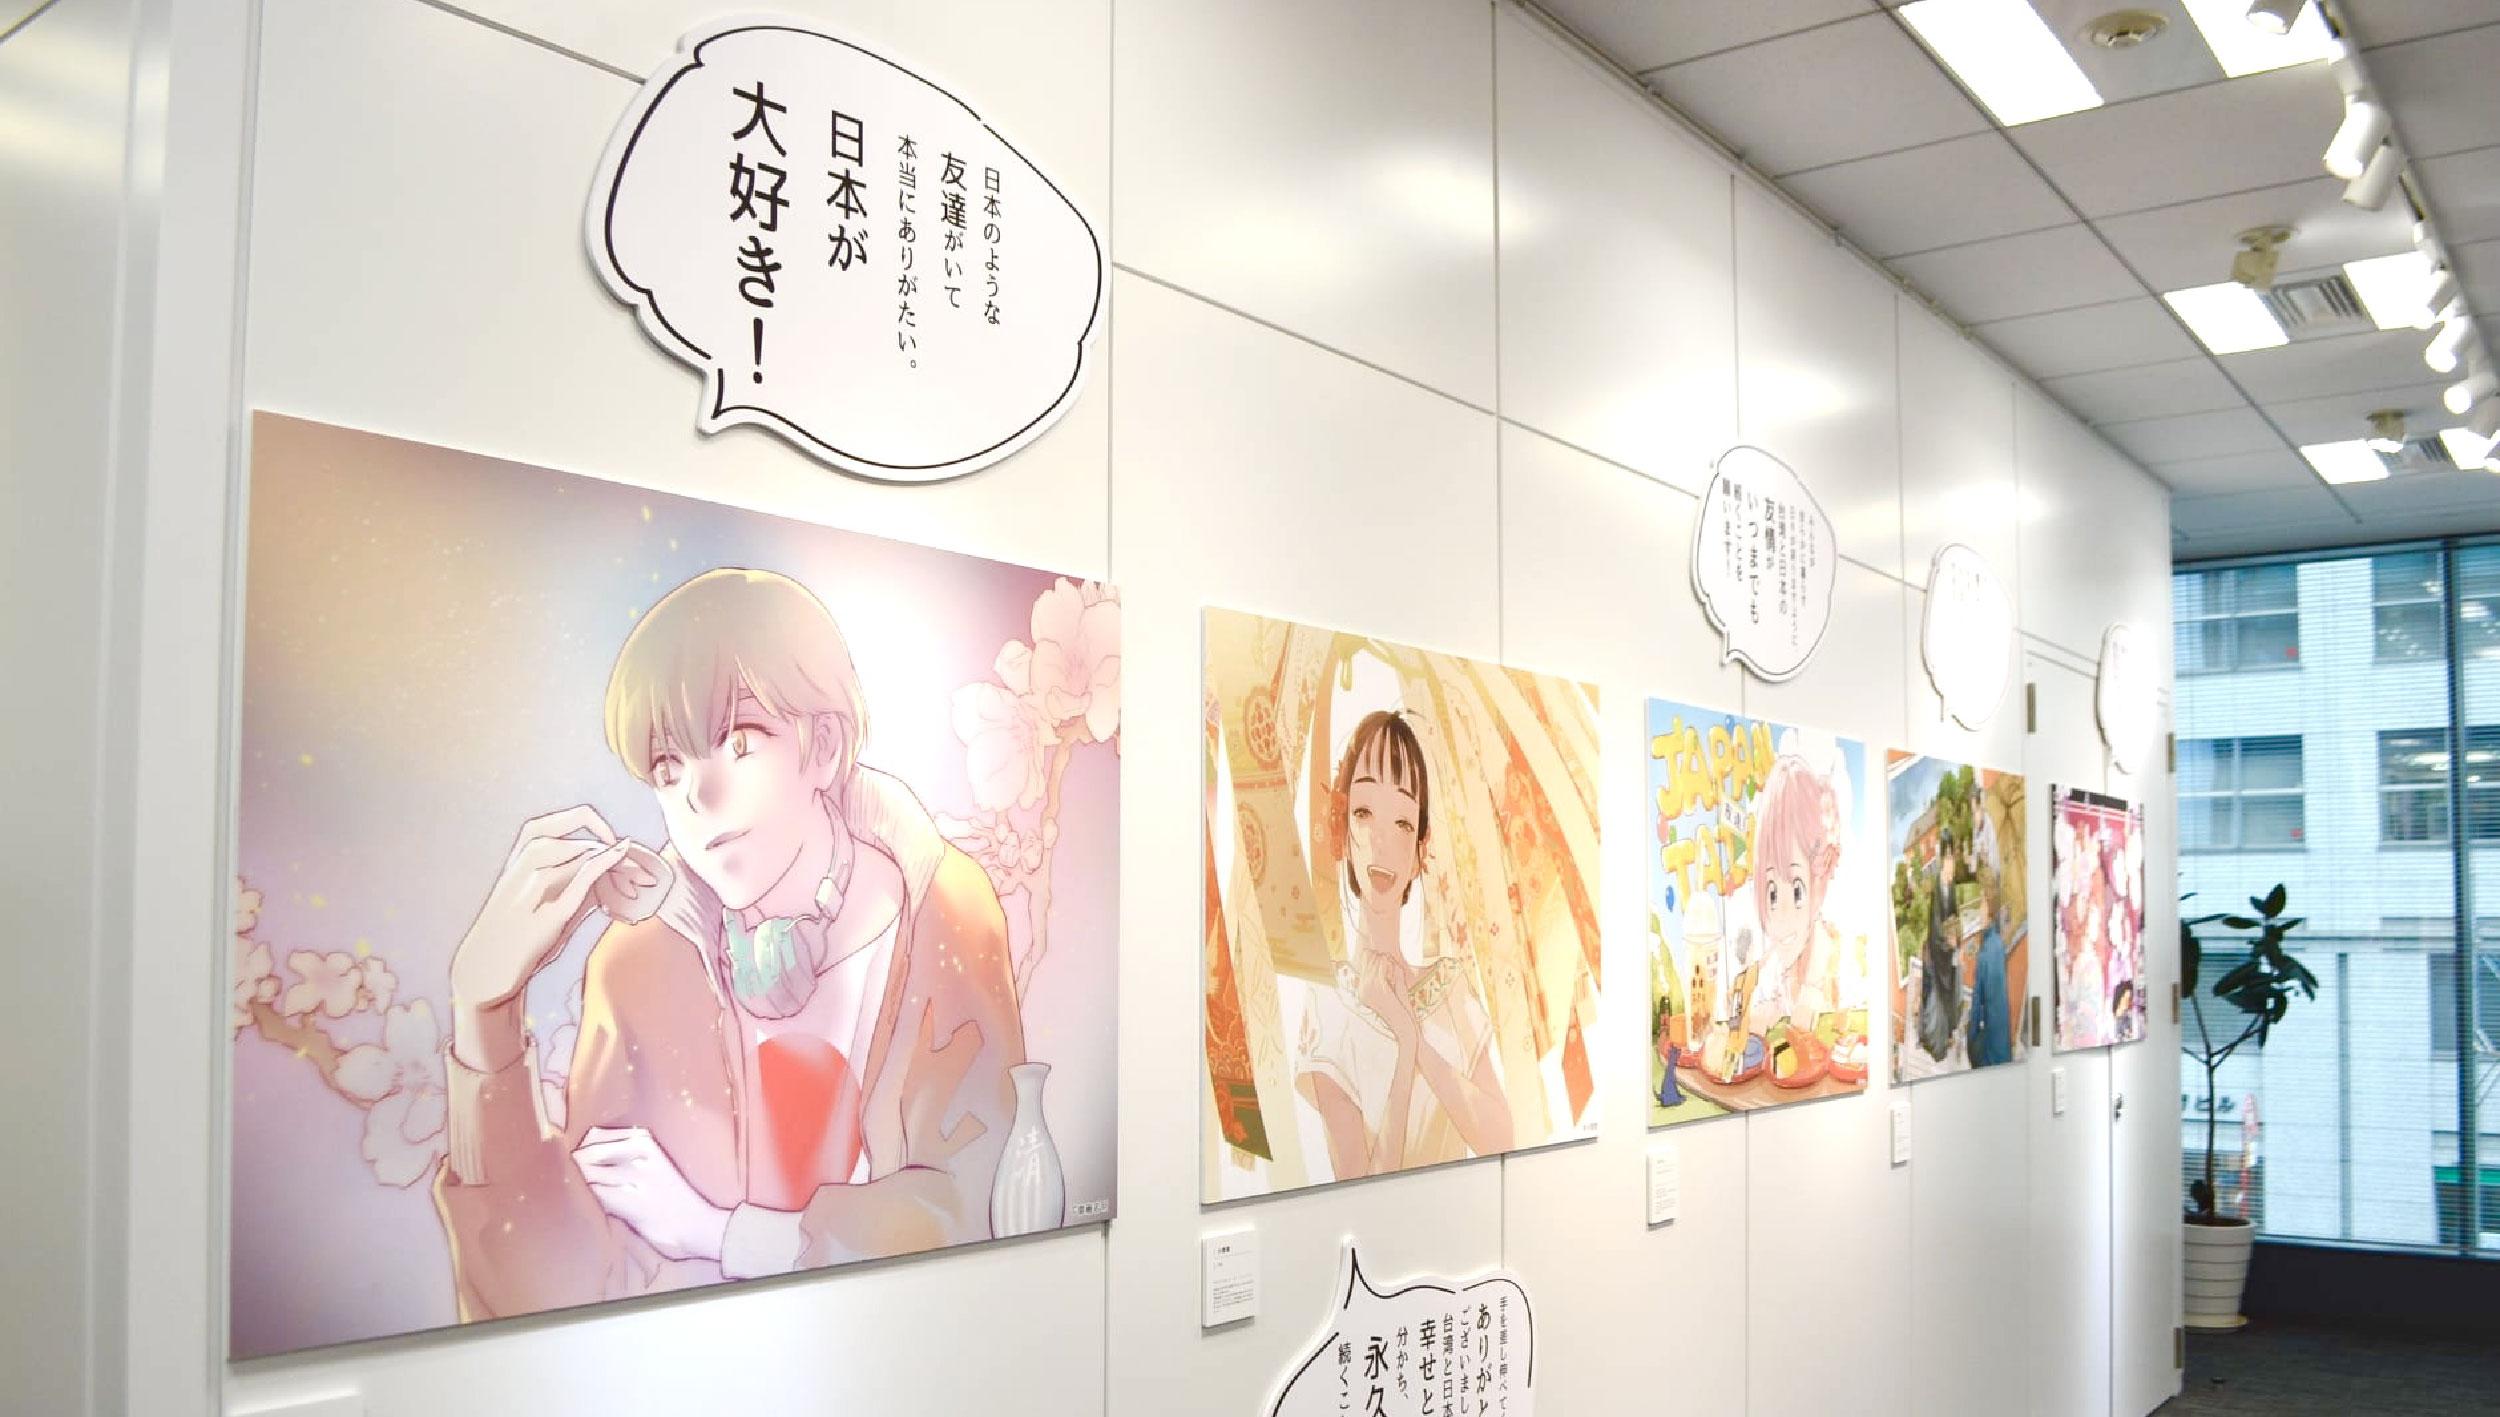 臺灣漫畫家繪製彩稿謝謝日本,用漫畫外交拓展日本臺漫市場